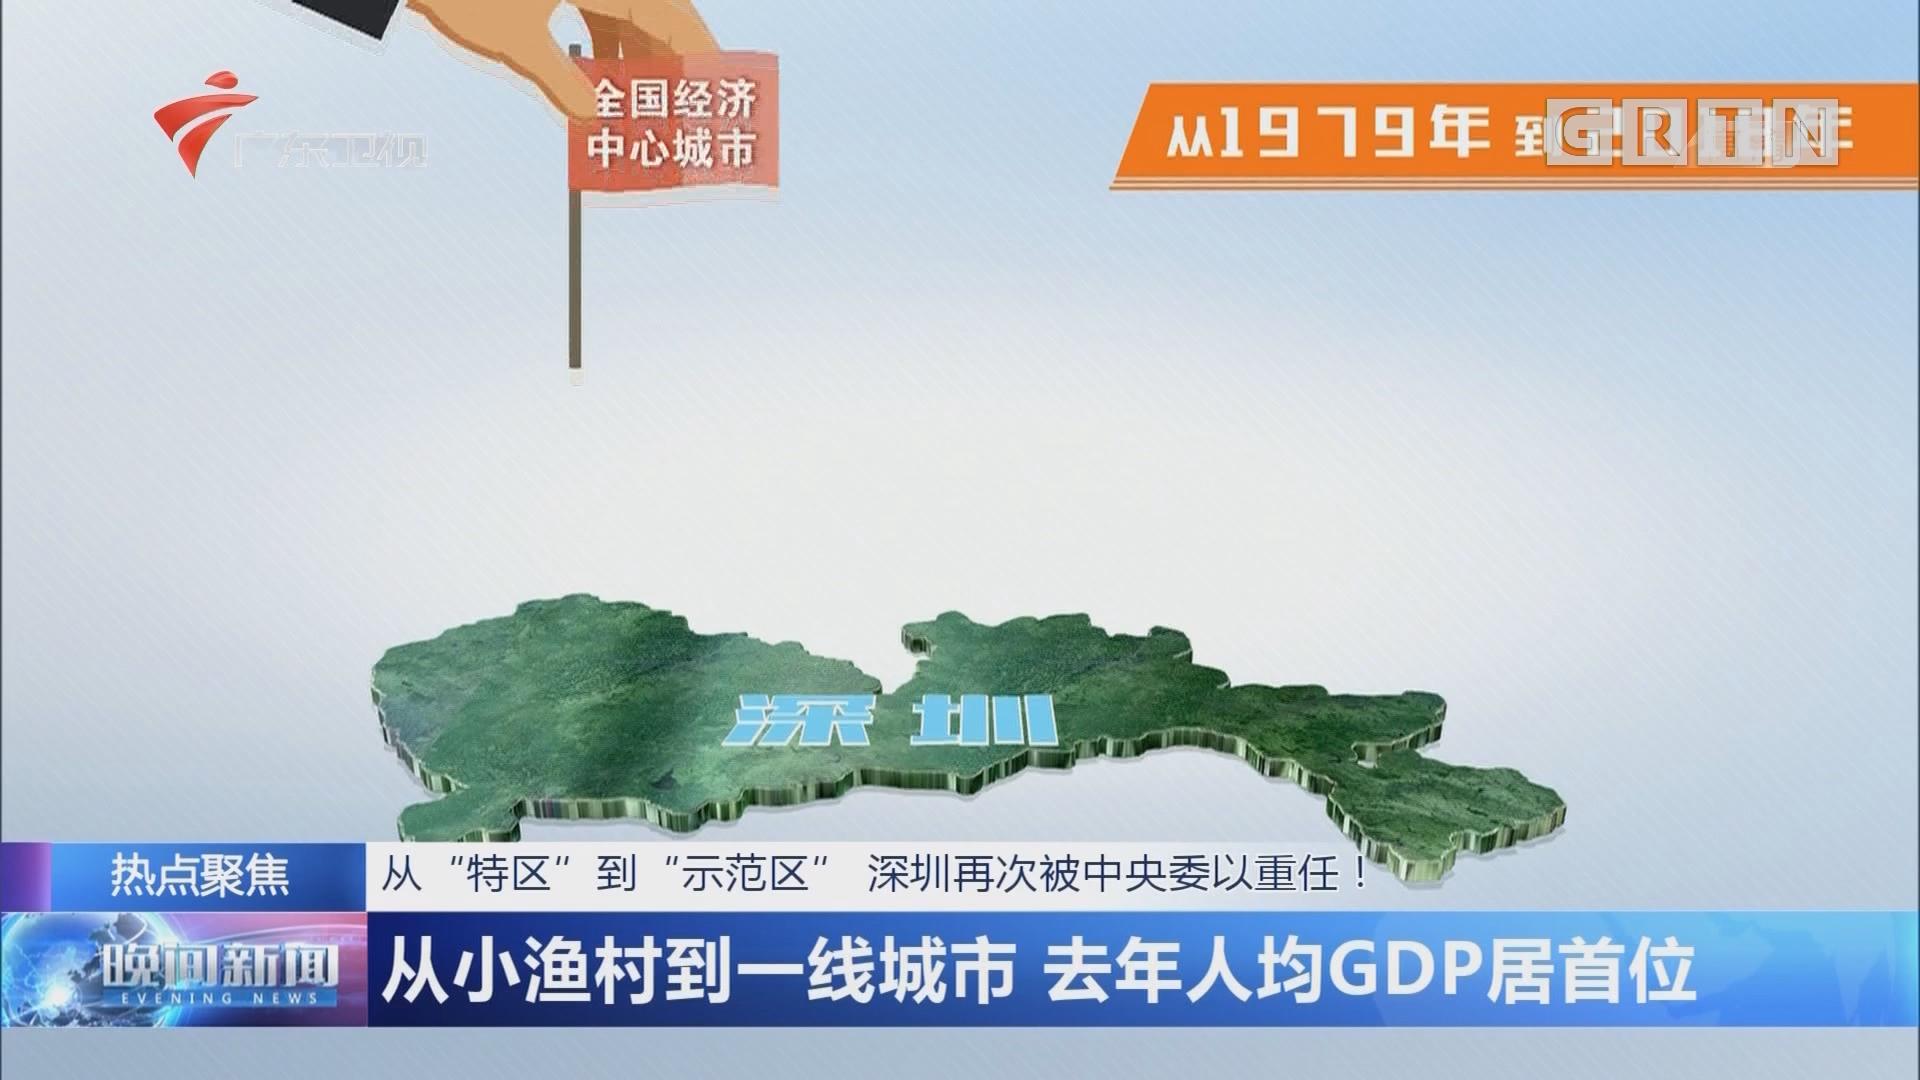 """从""""特区""""到""""示范区"""" 深圳再次被中央委以重任! 从小渔村到一线城市 去年人均GDP居首位"""